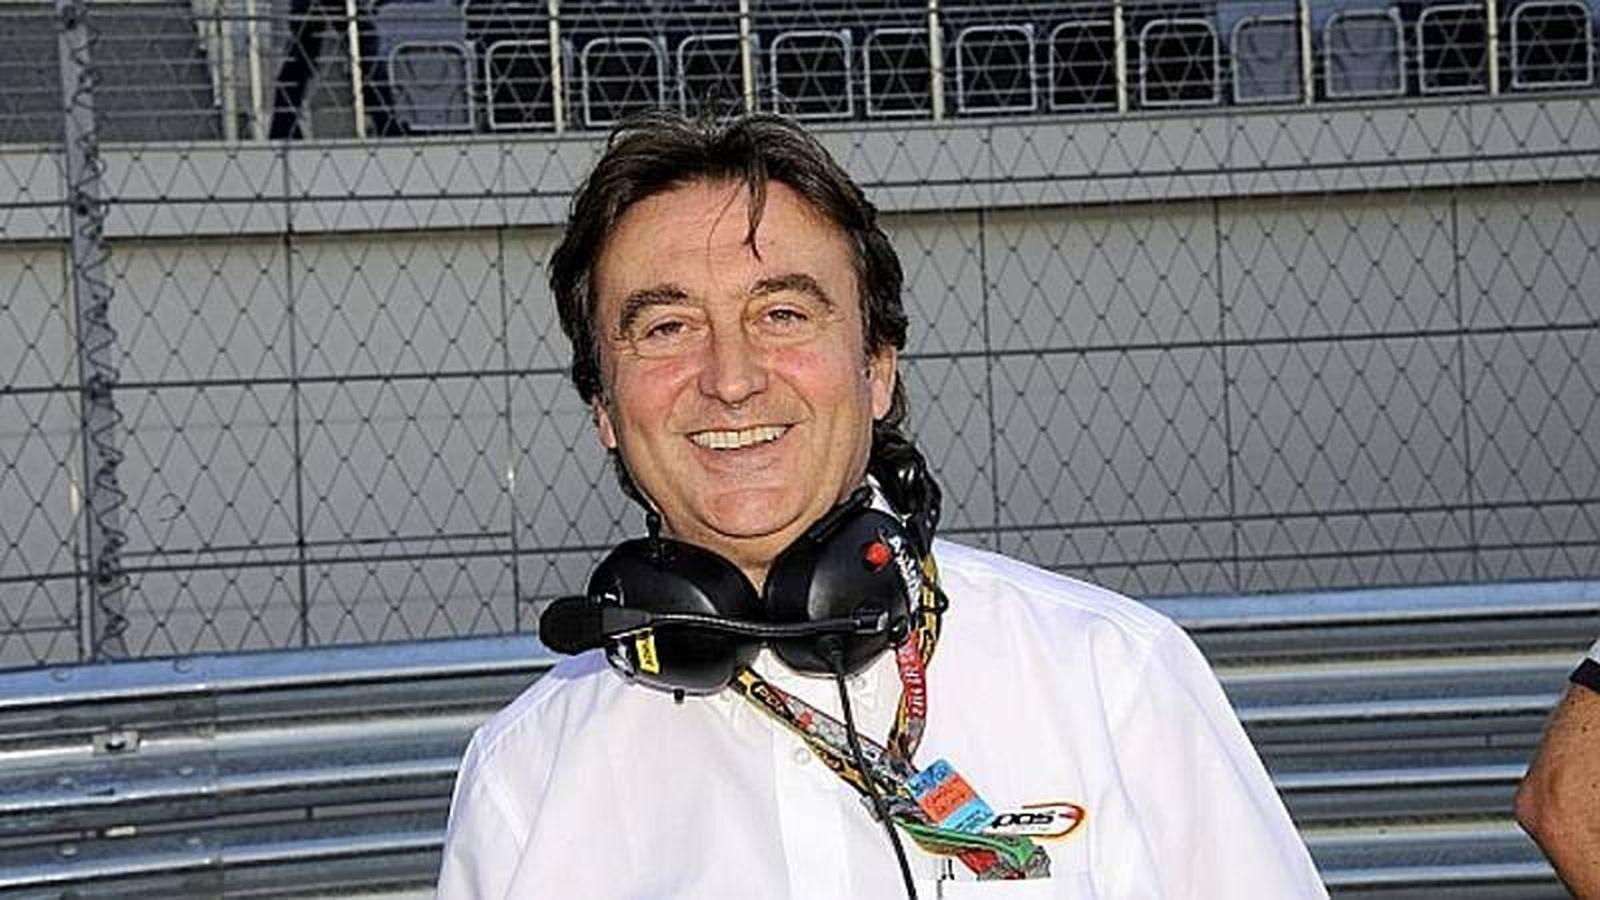 «Que bella la macchina rossa…». Carlos Sainz ya vive la magia de Ferrari, y en italiano